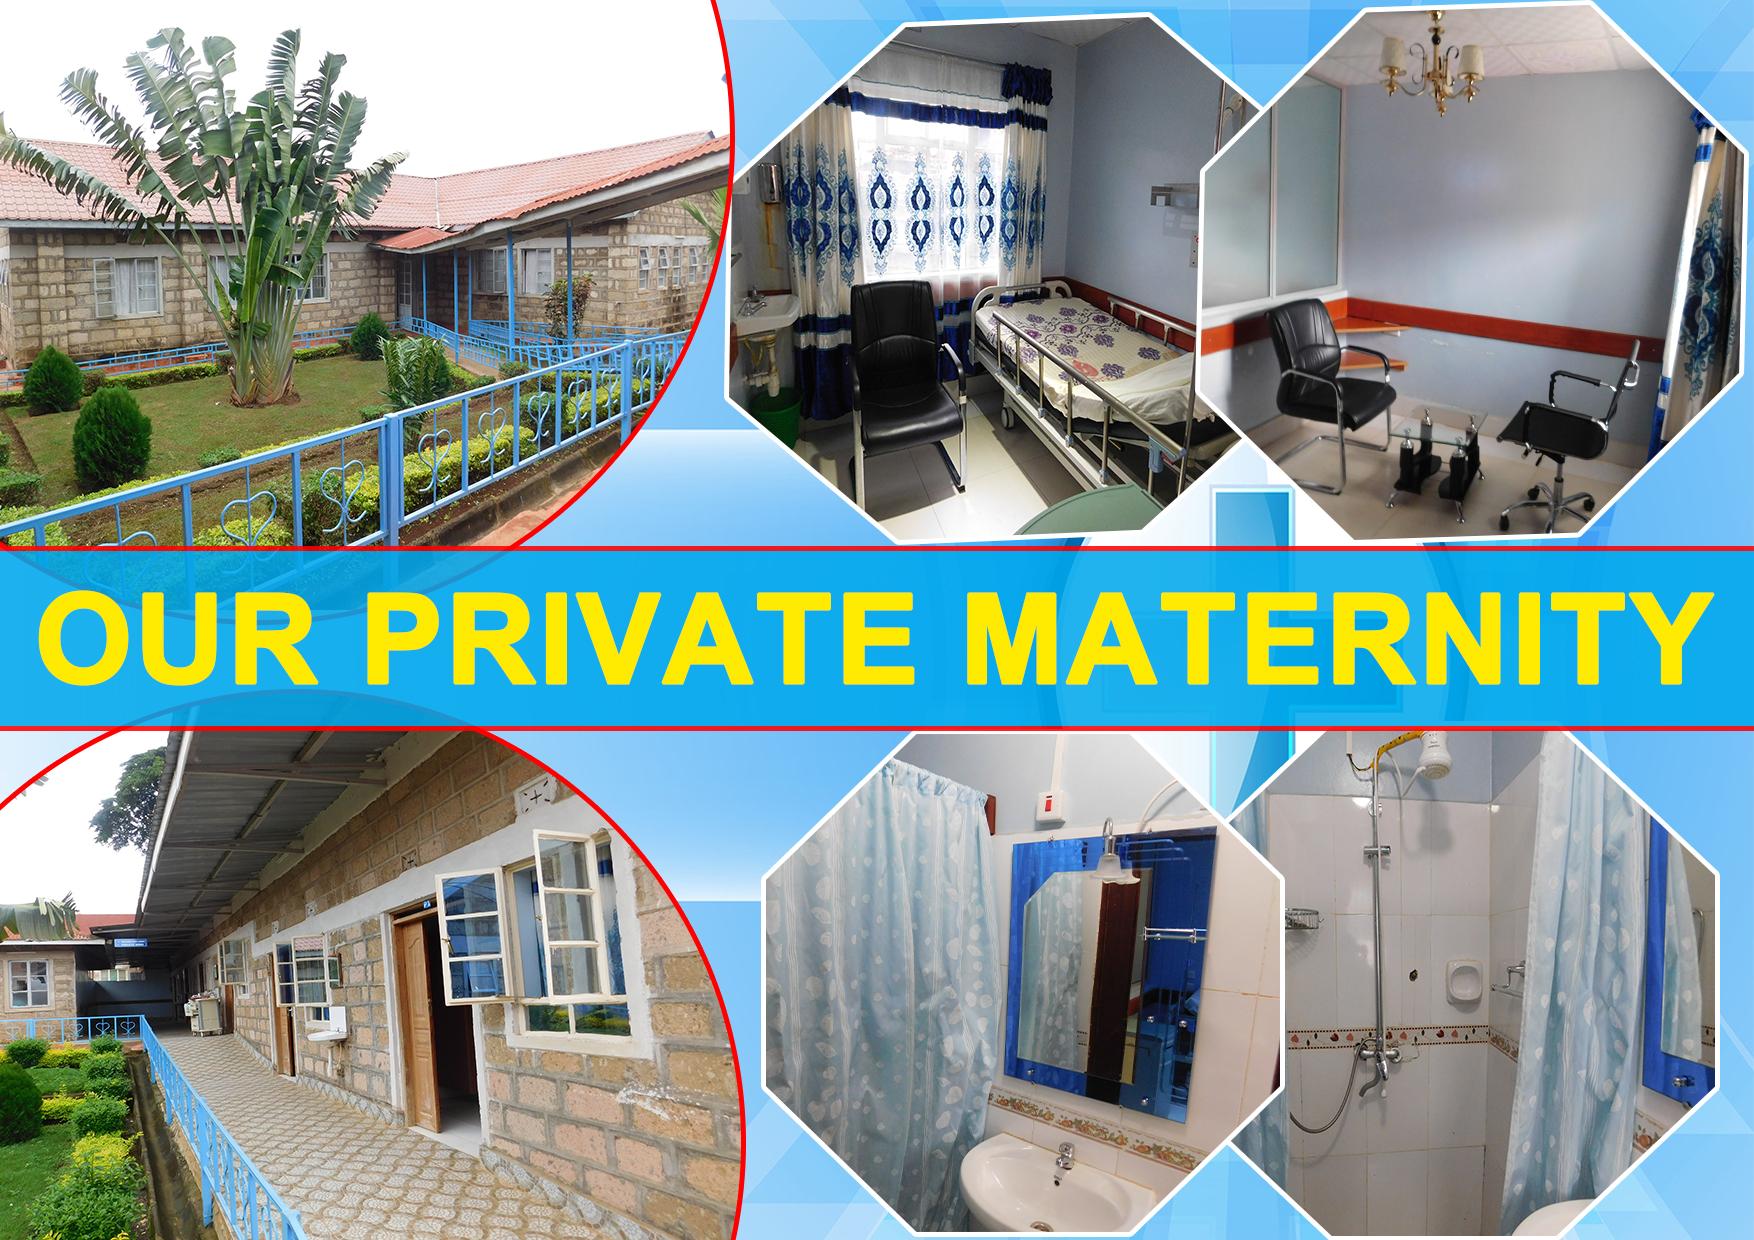 Private Maternity